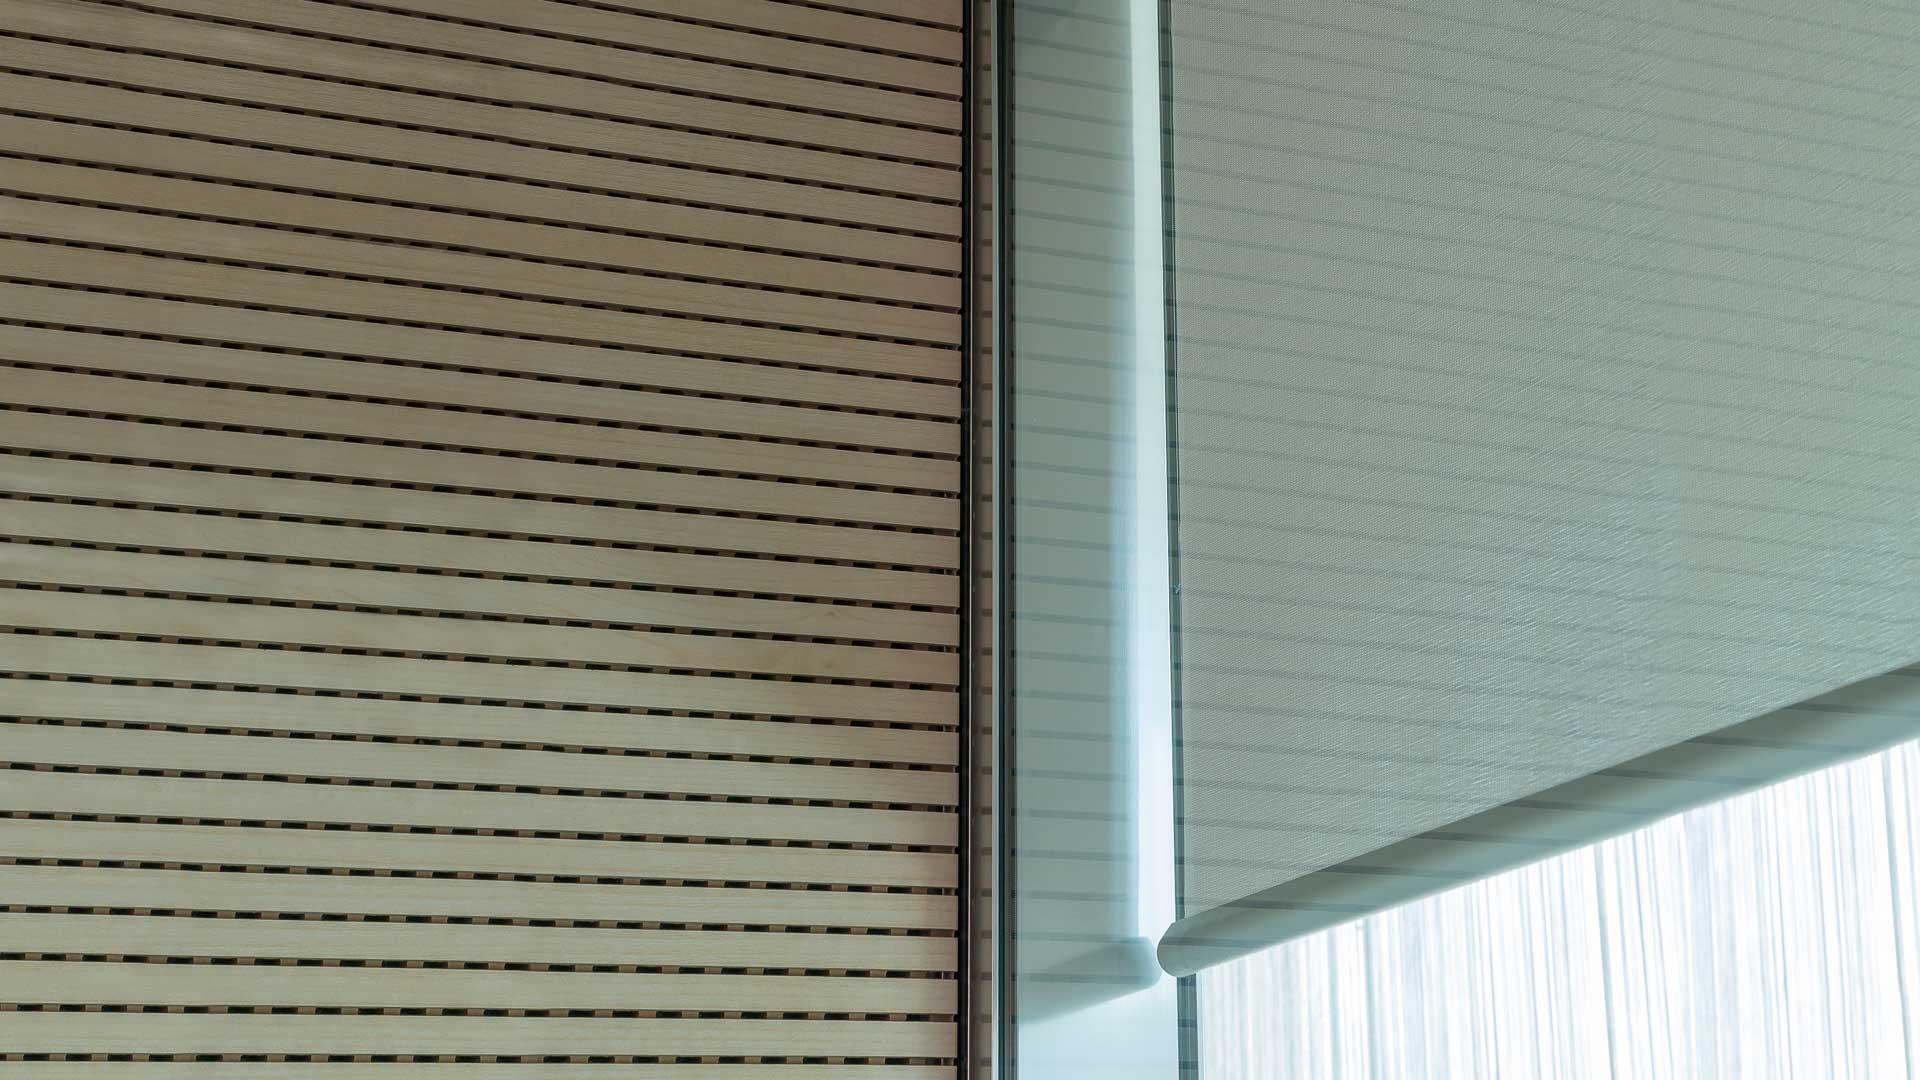 Uffici-per-e-commerce-pareti-divisorie-Level-Office-Landscape